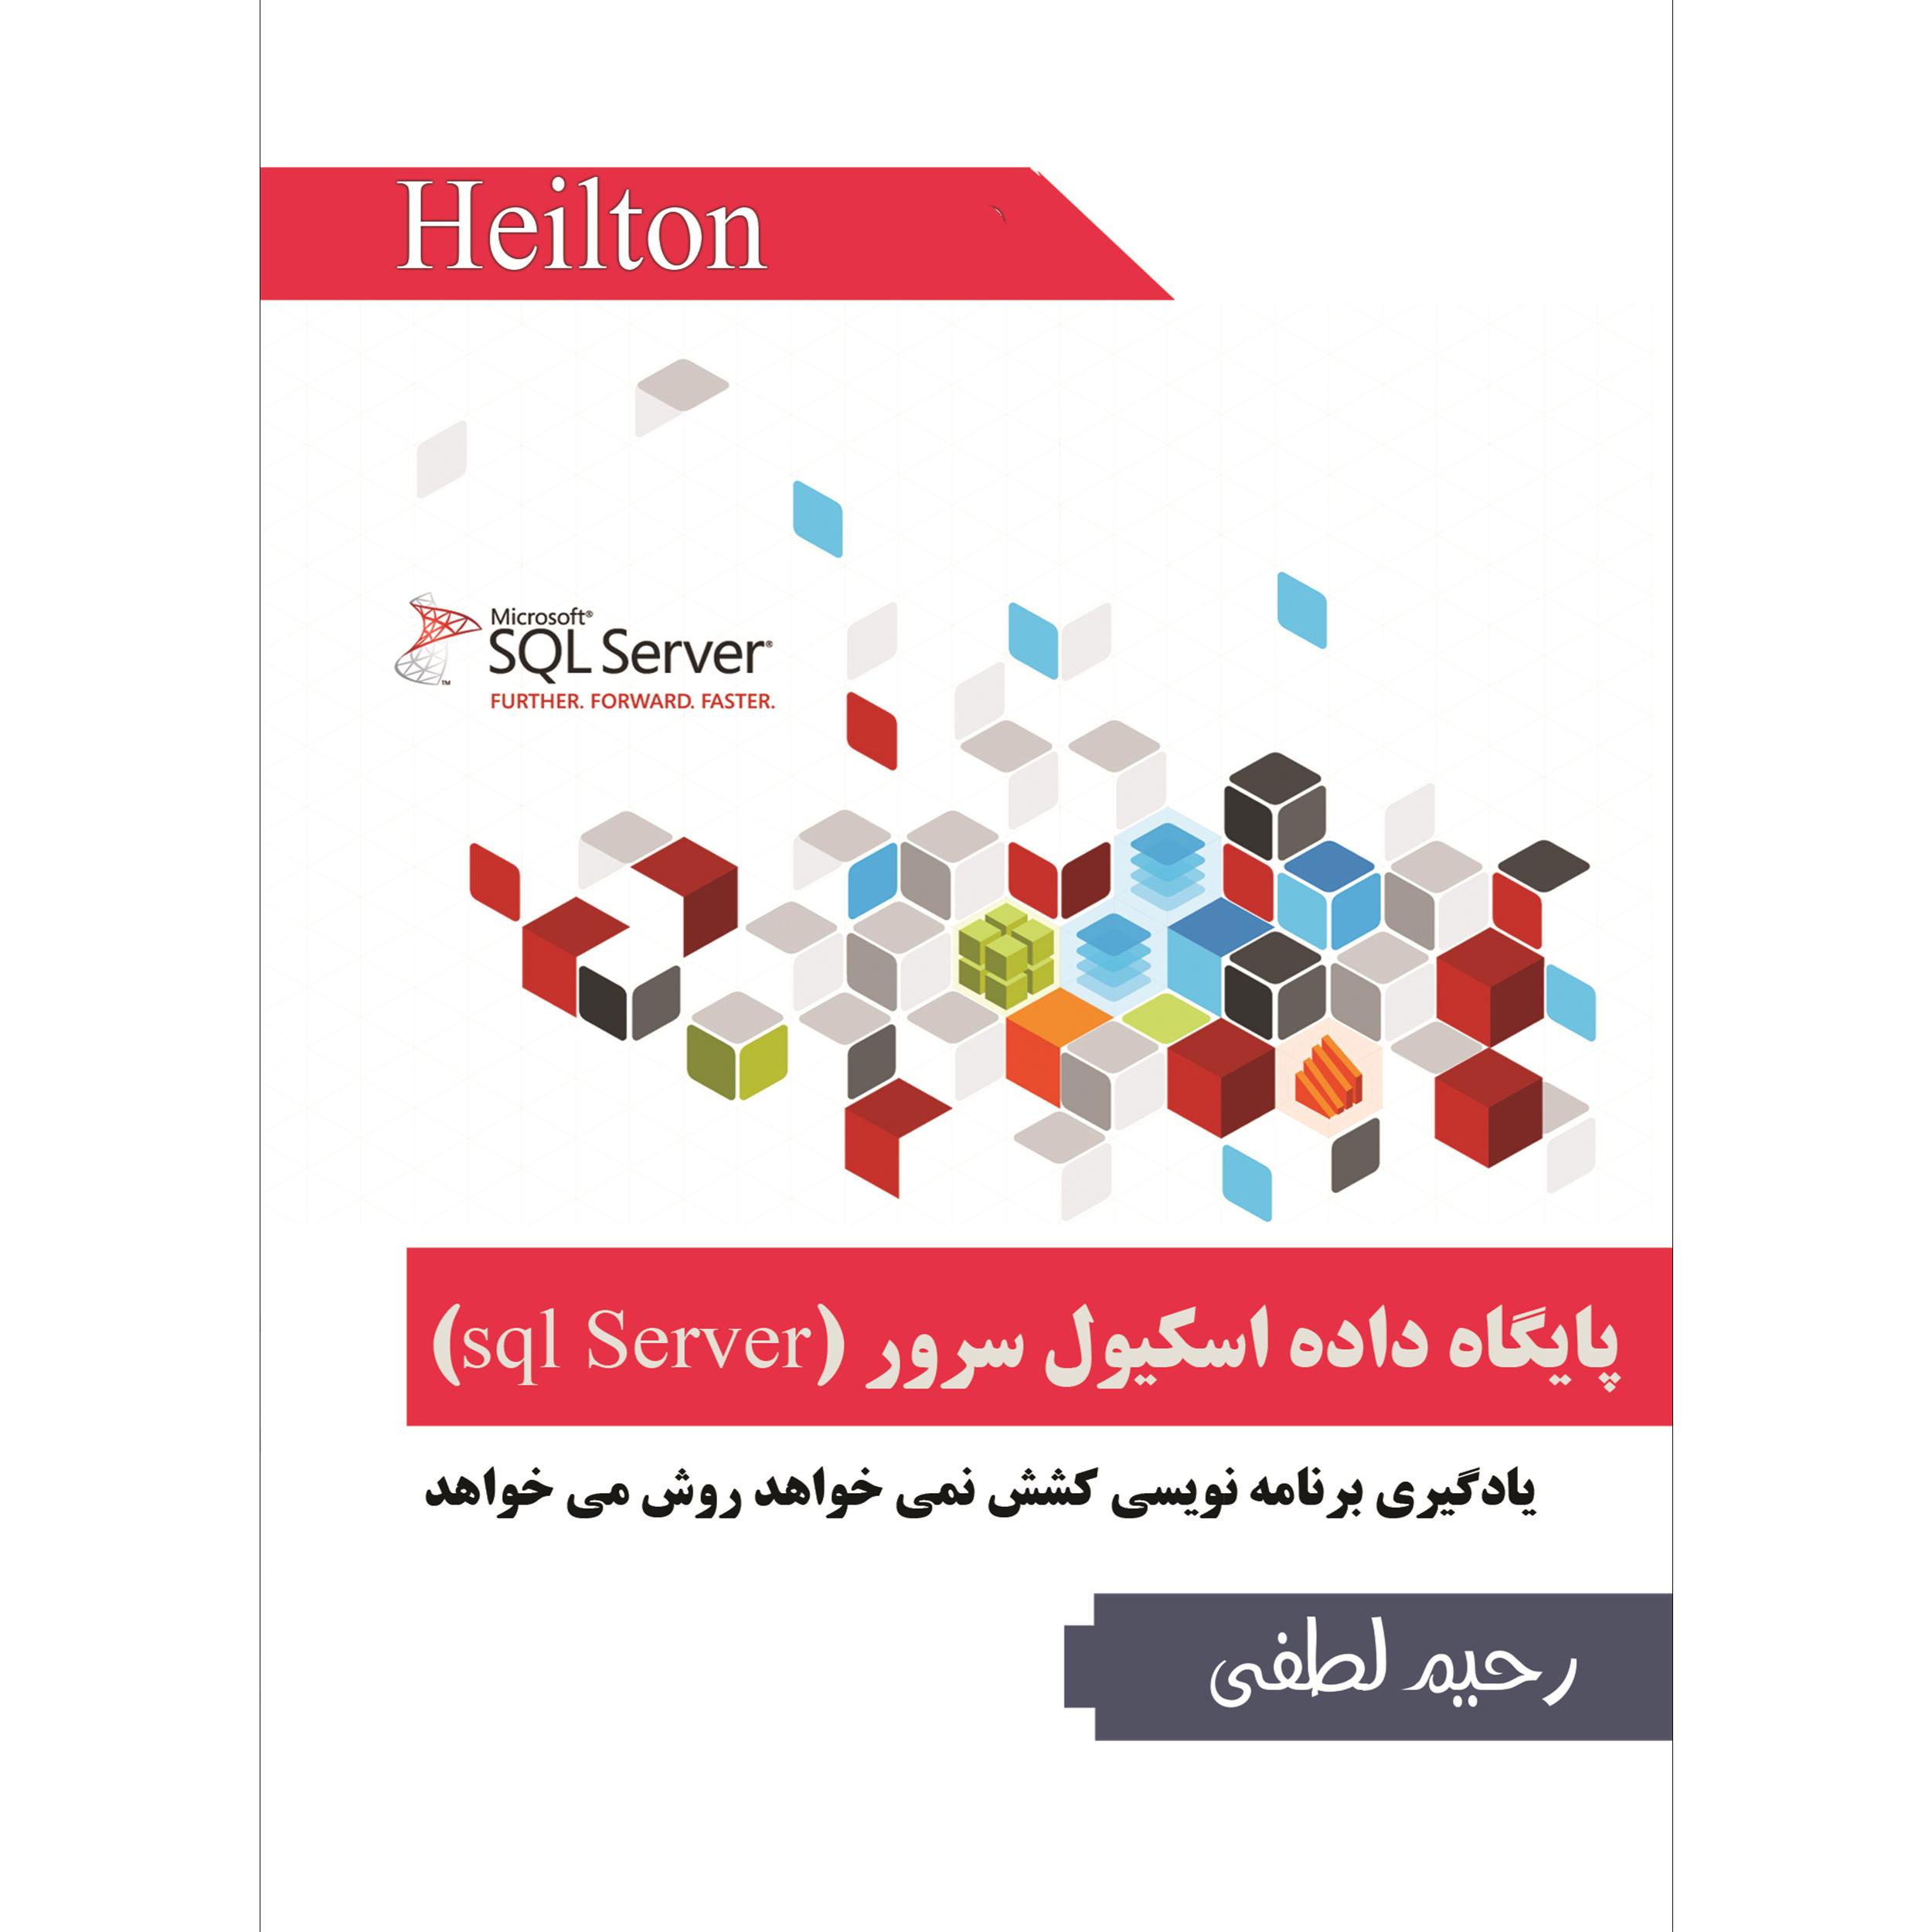 آموزش تصویری اسکیول سرور sql server نشر هیلتن